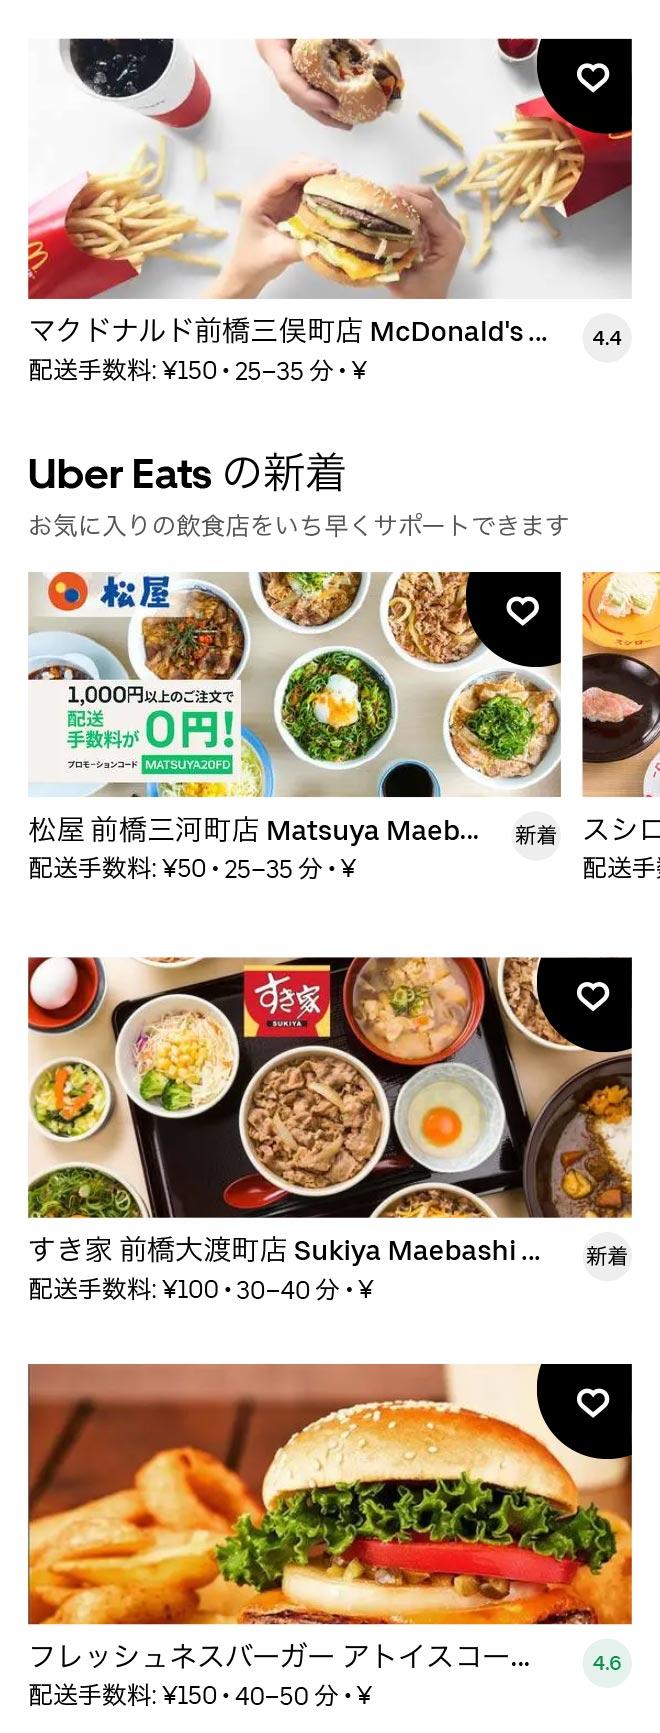 Chuo maebashi menu 2012 02